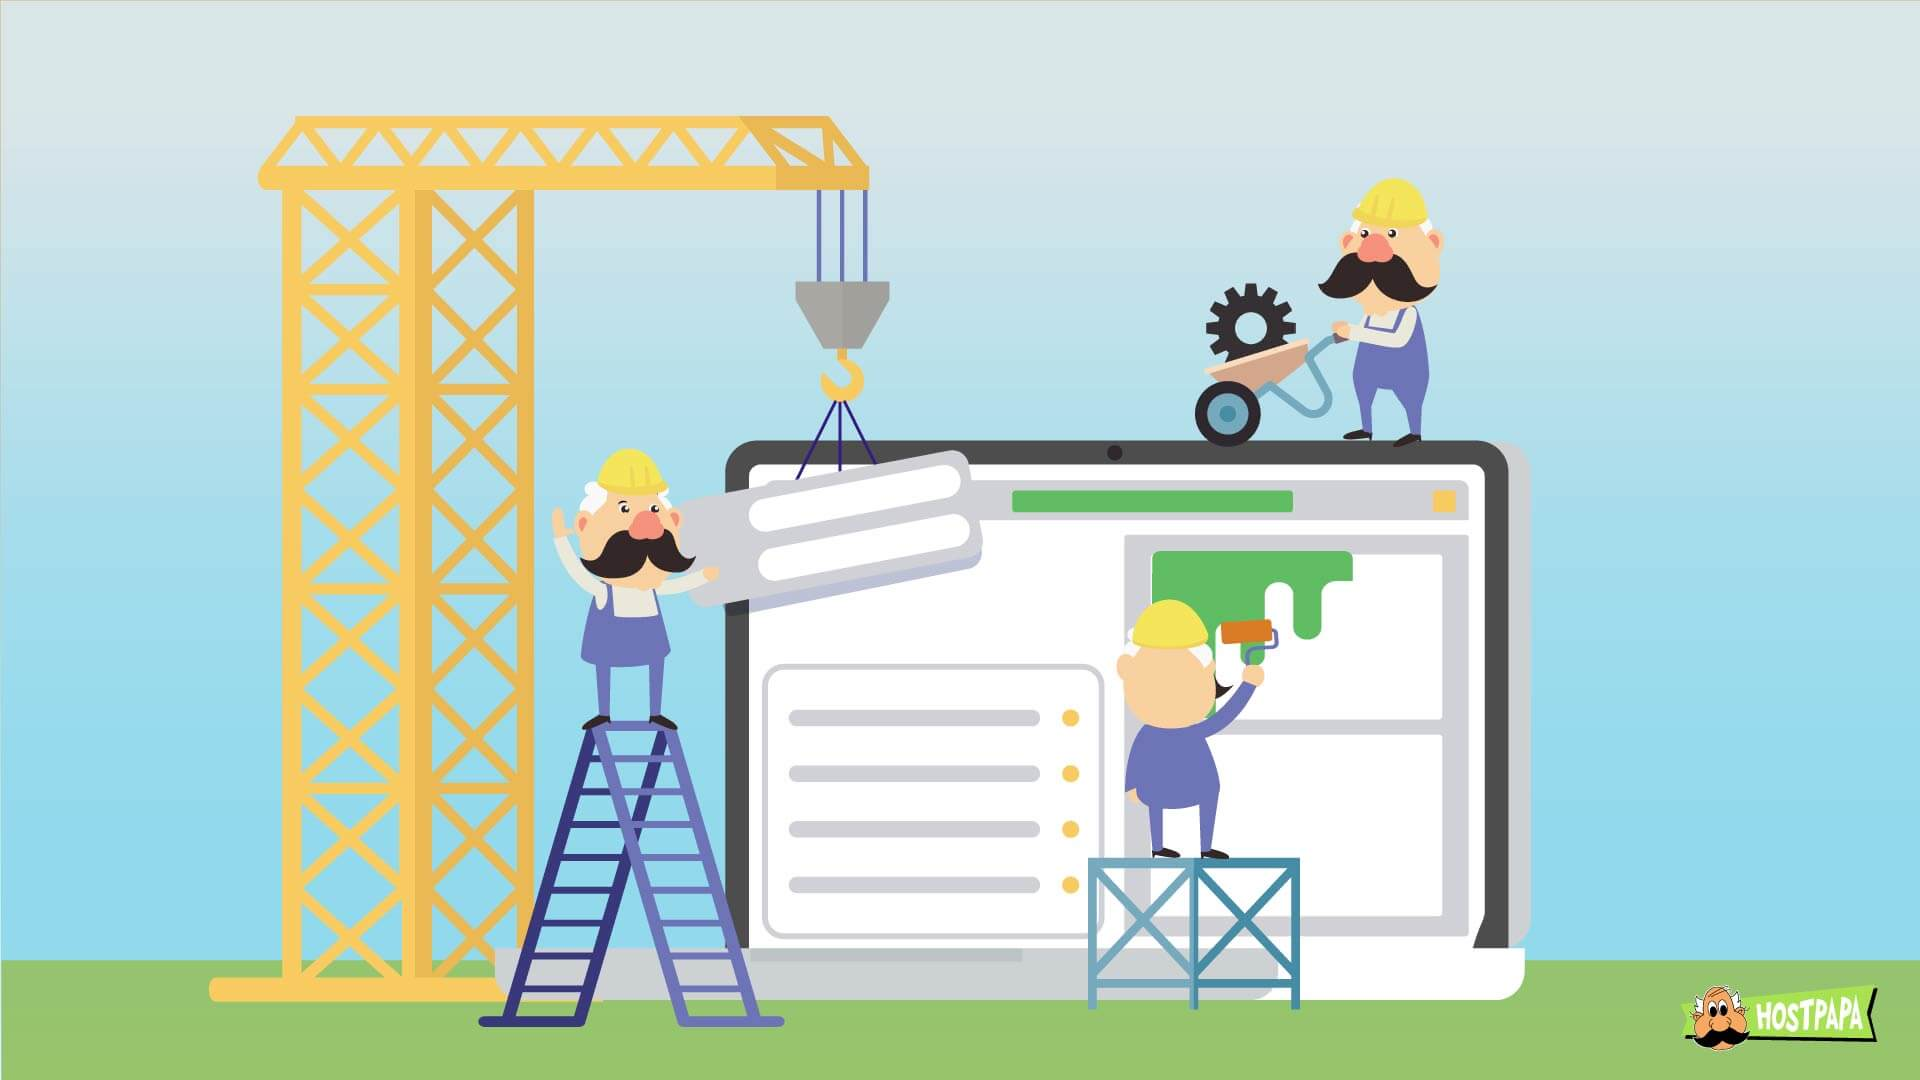 Build the best website